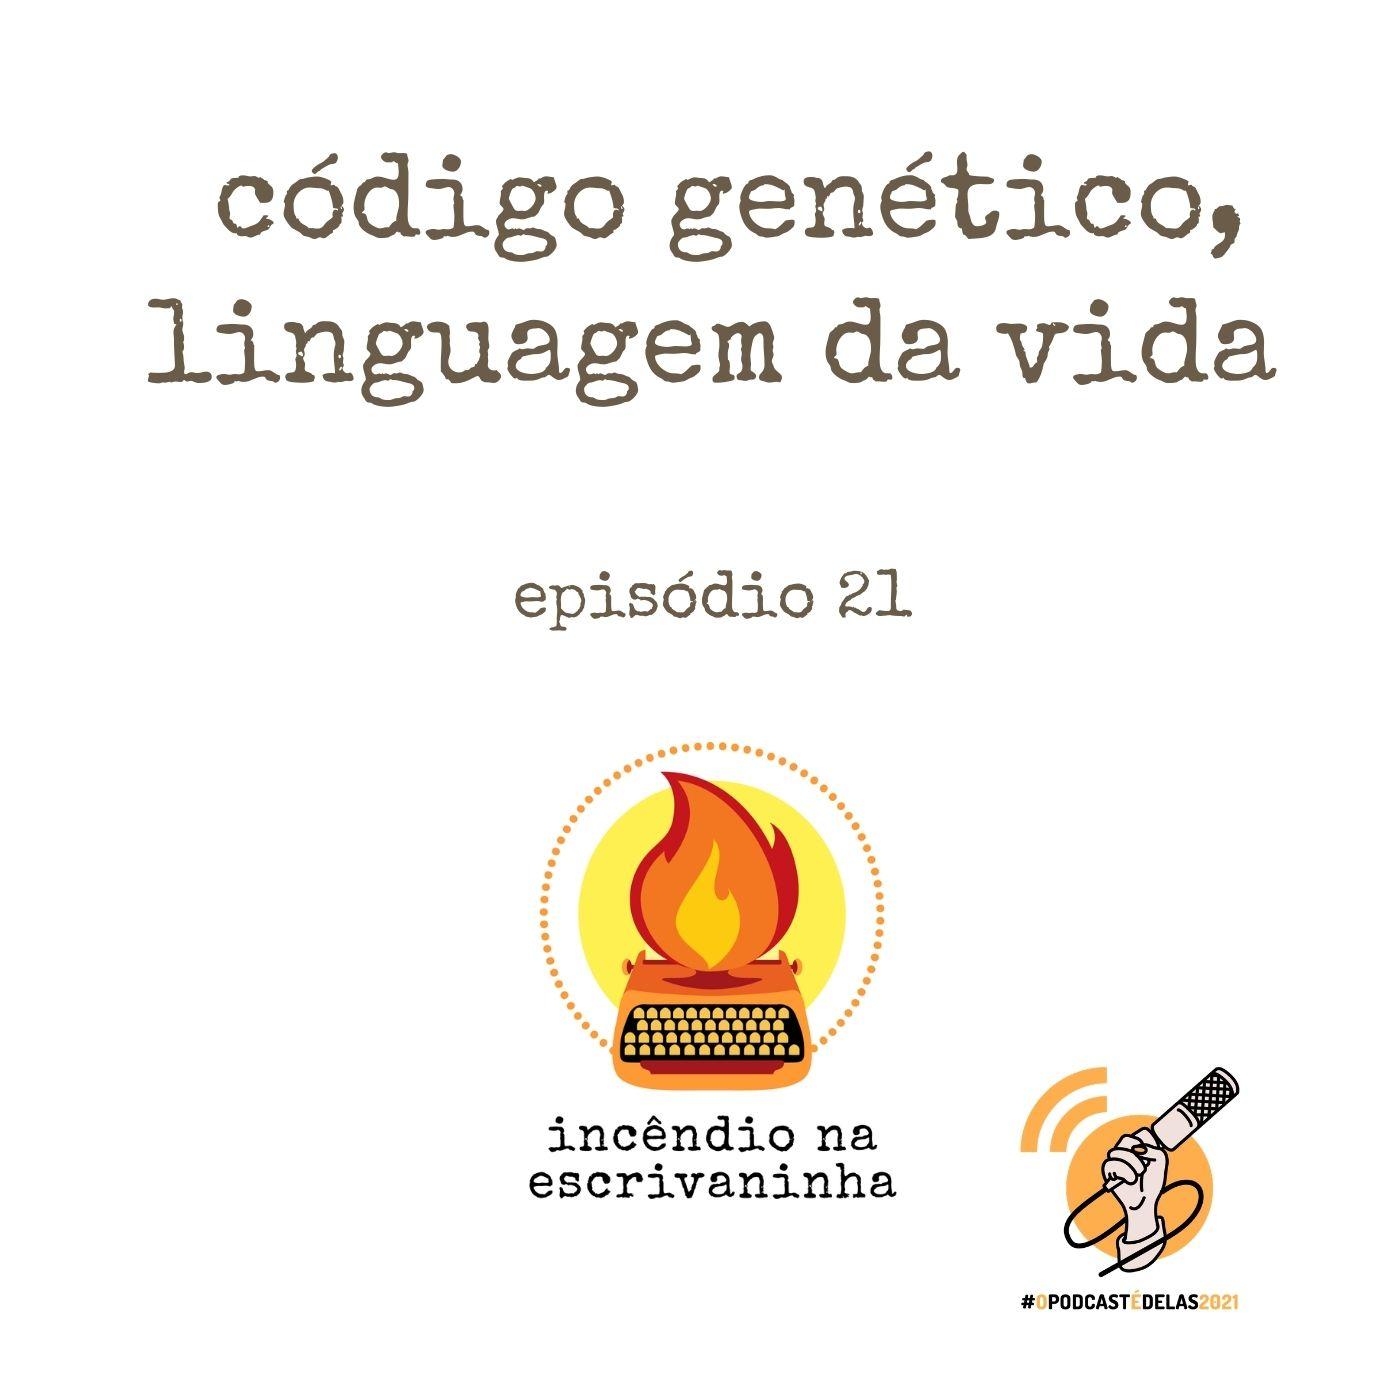 Incêndio na Escrivaninha #21 – Código genético, linguagem da vida